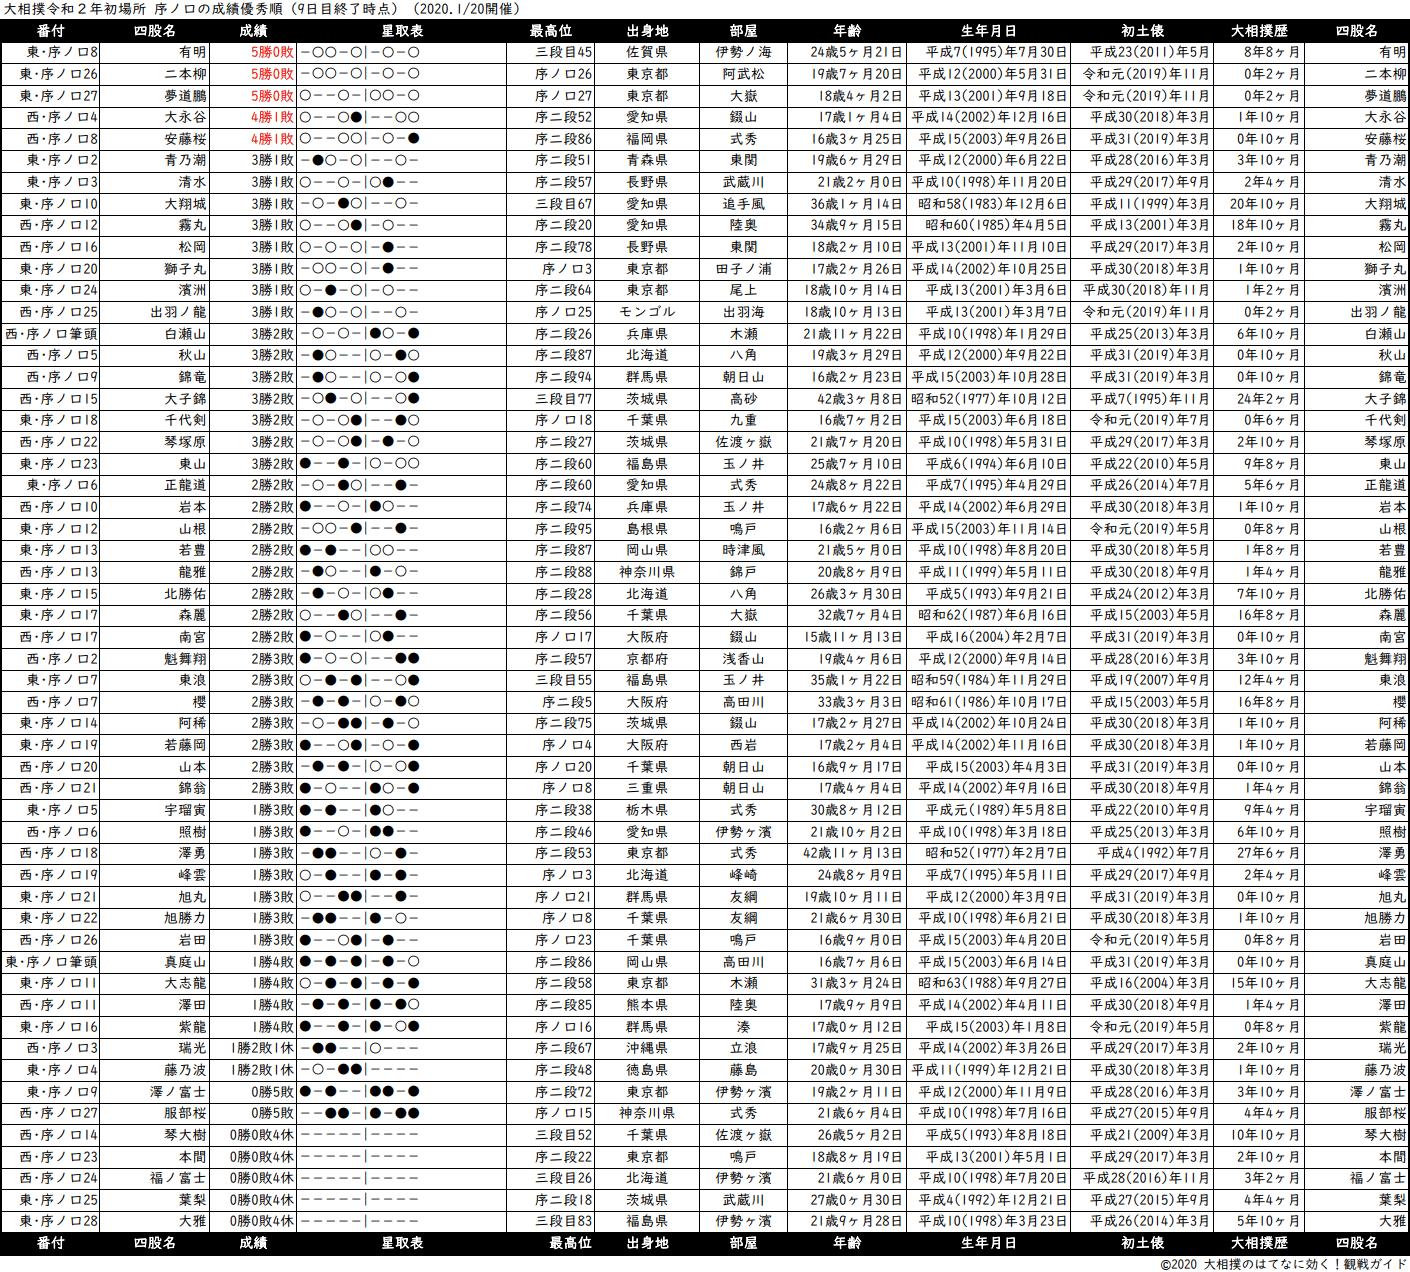 序ノ口成績順一覧表・2020年1月場所9日目